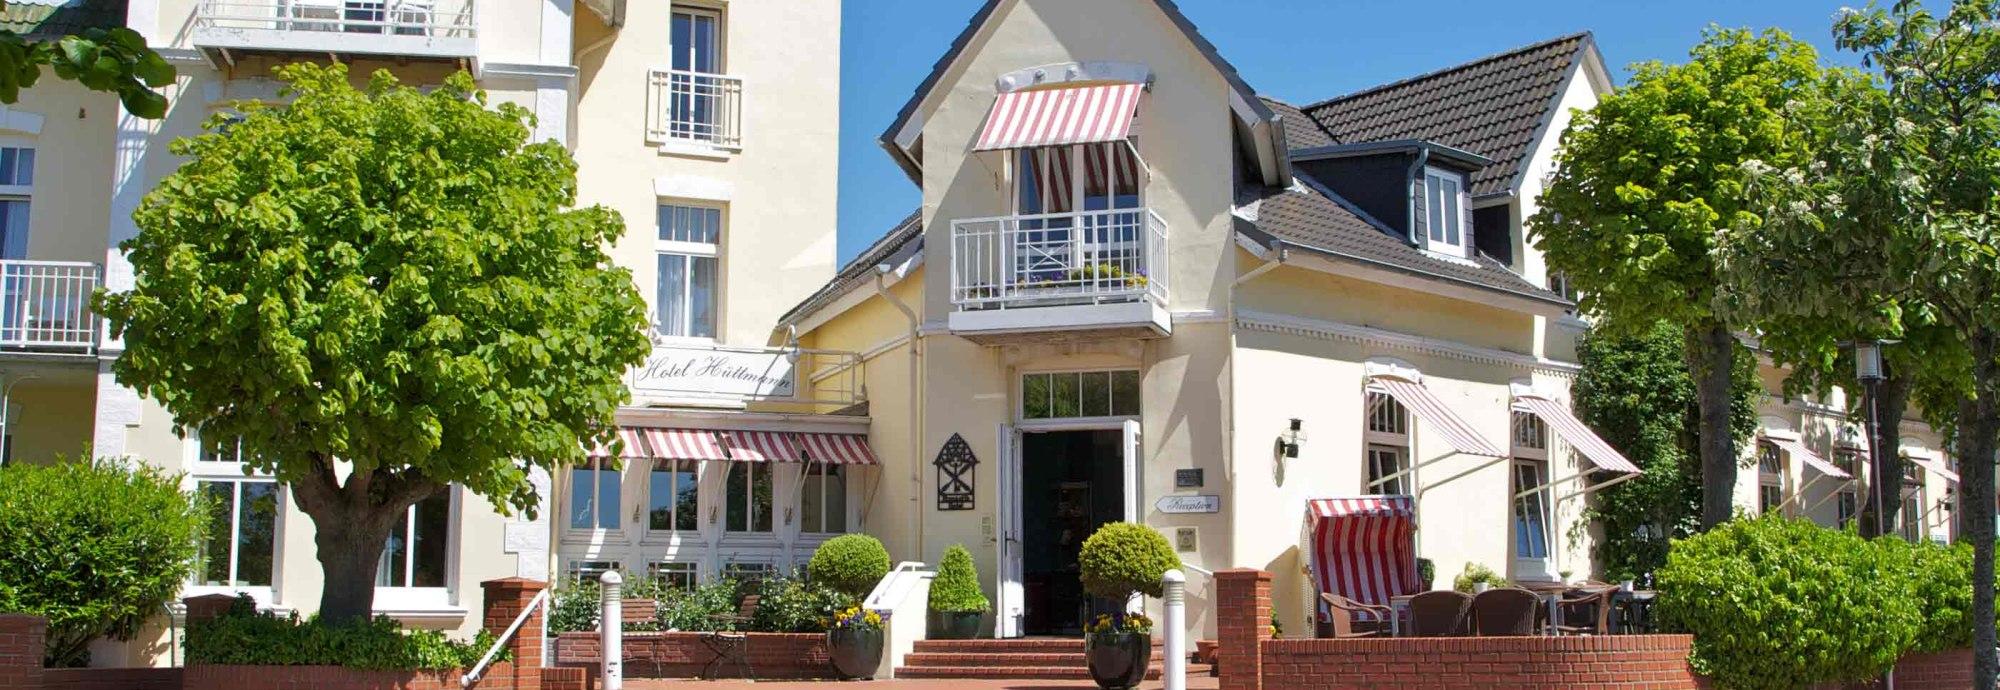 Hoteleingang_Hüttmann, © Hotel Hüttmann